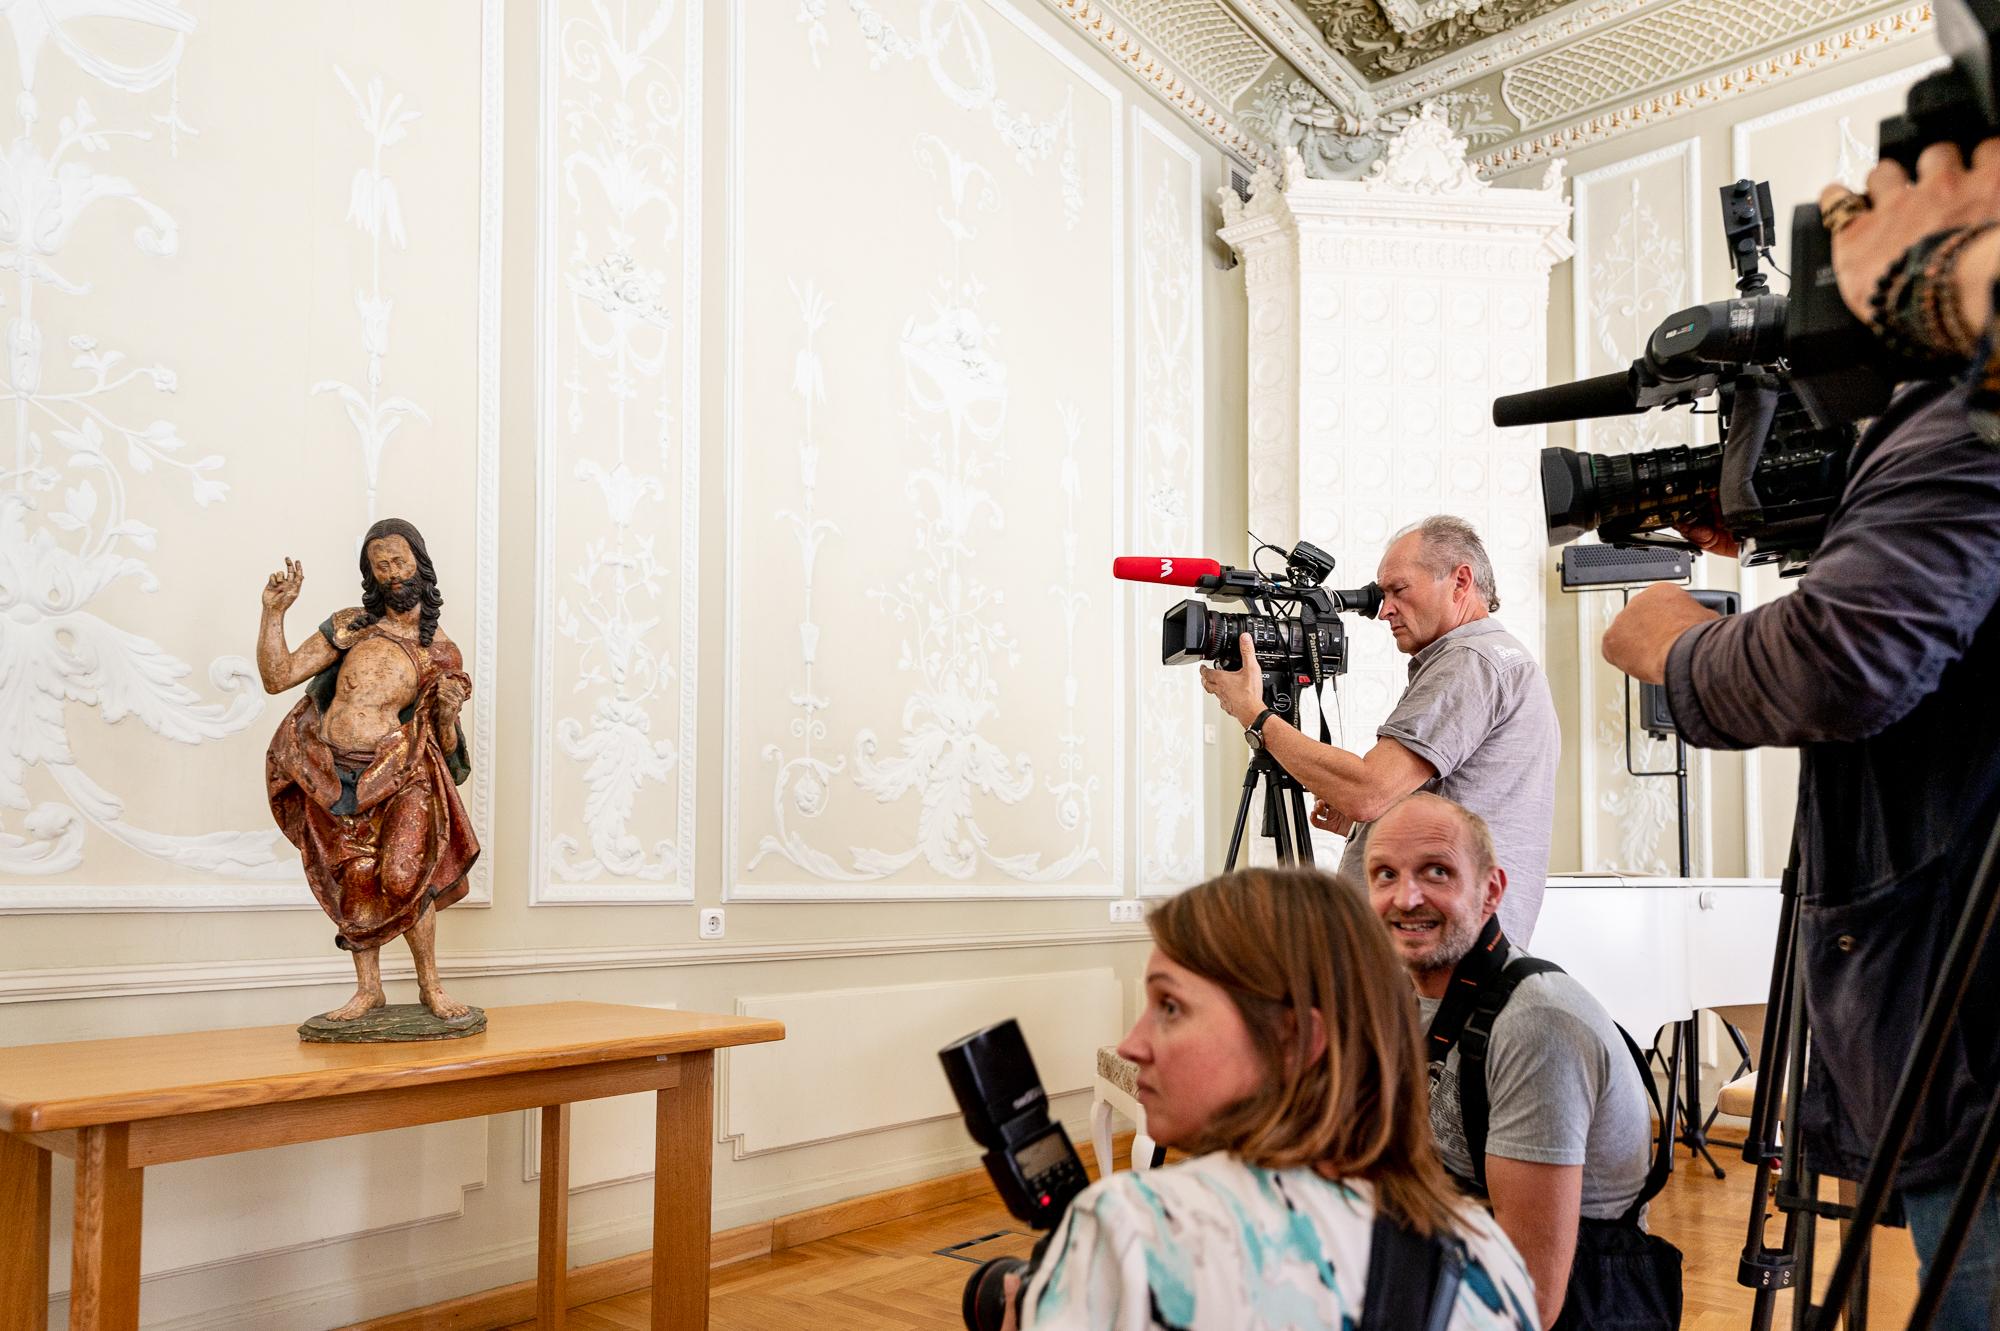 Skulptūra stovi ant stalo, fotografai fotografuoja.